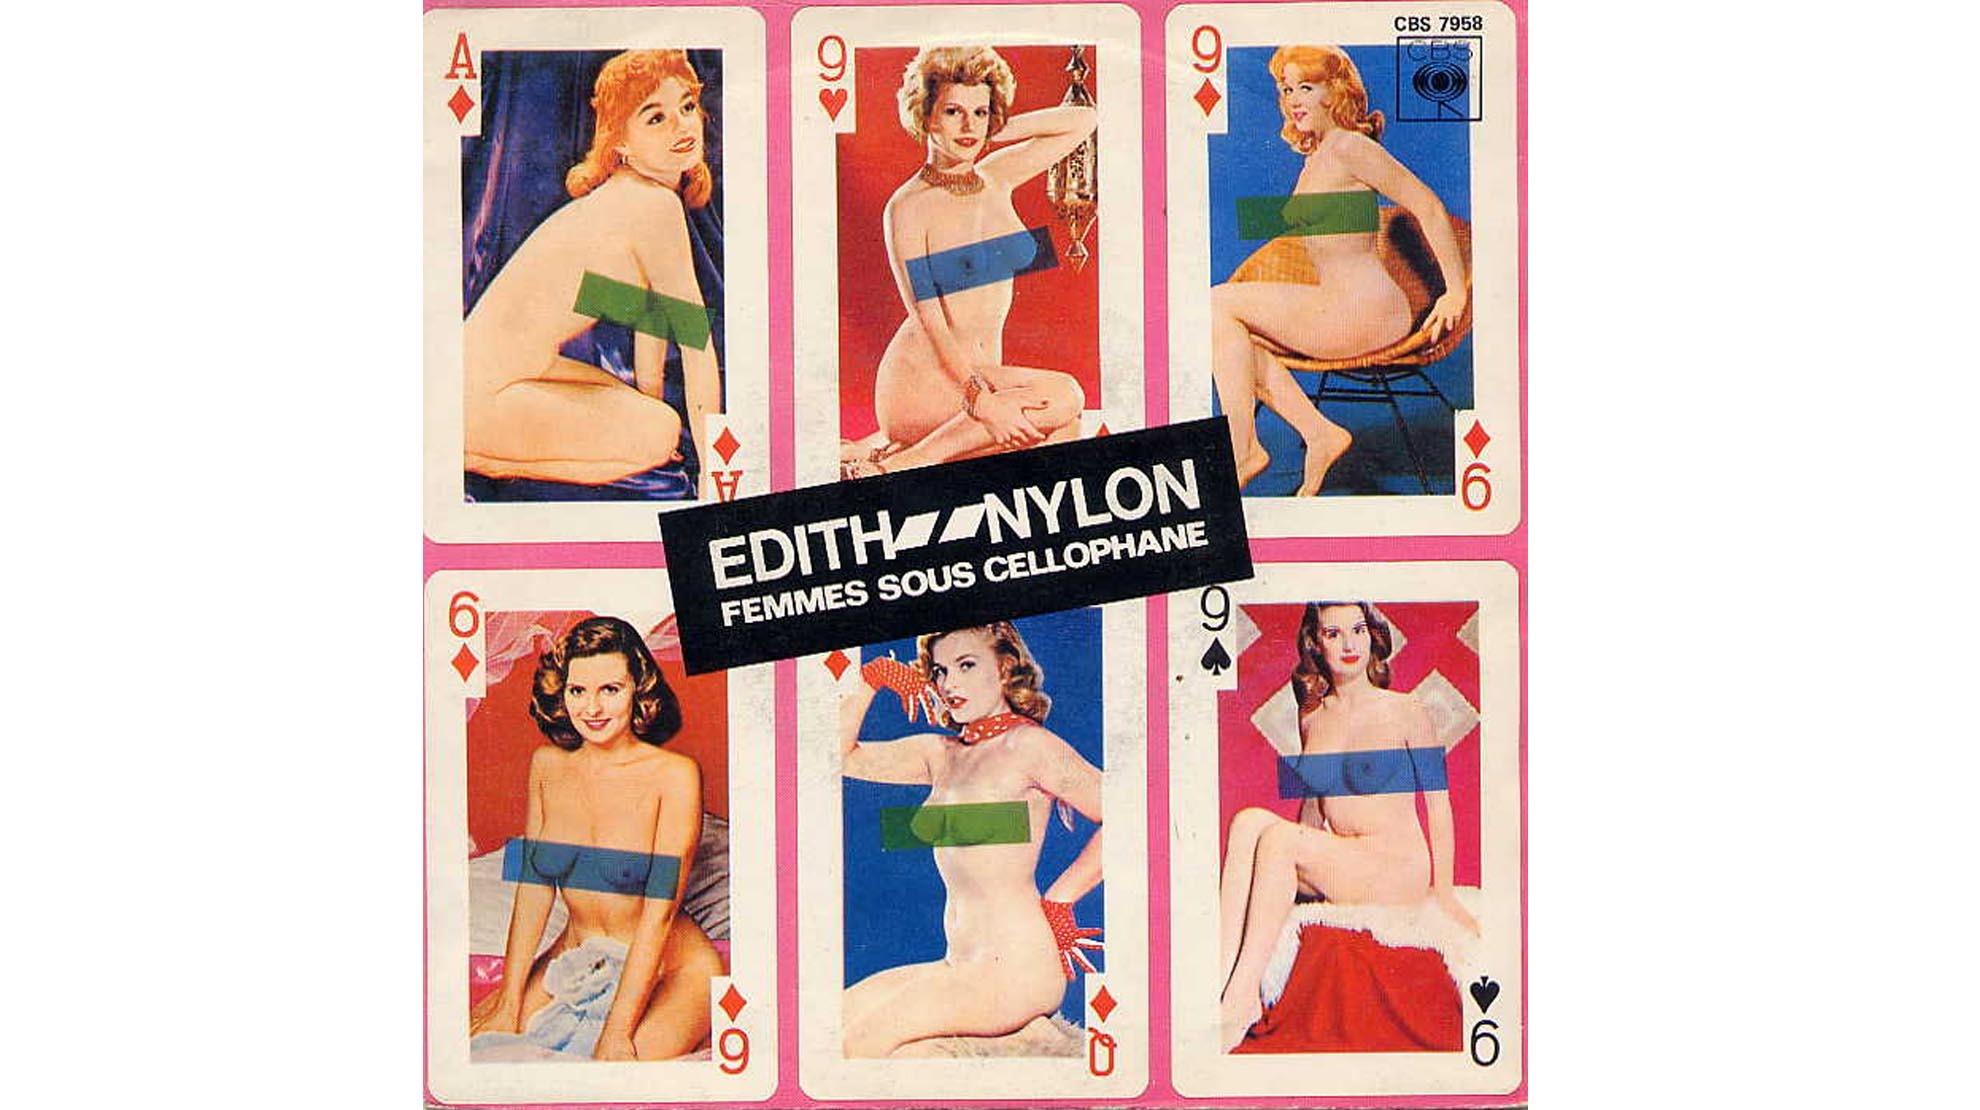 Edith Nylon • 45 tours